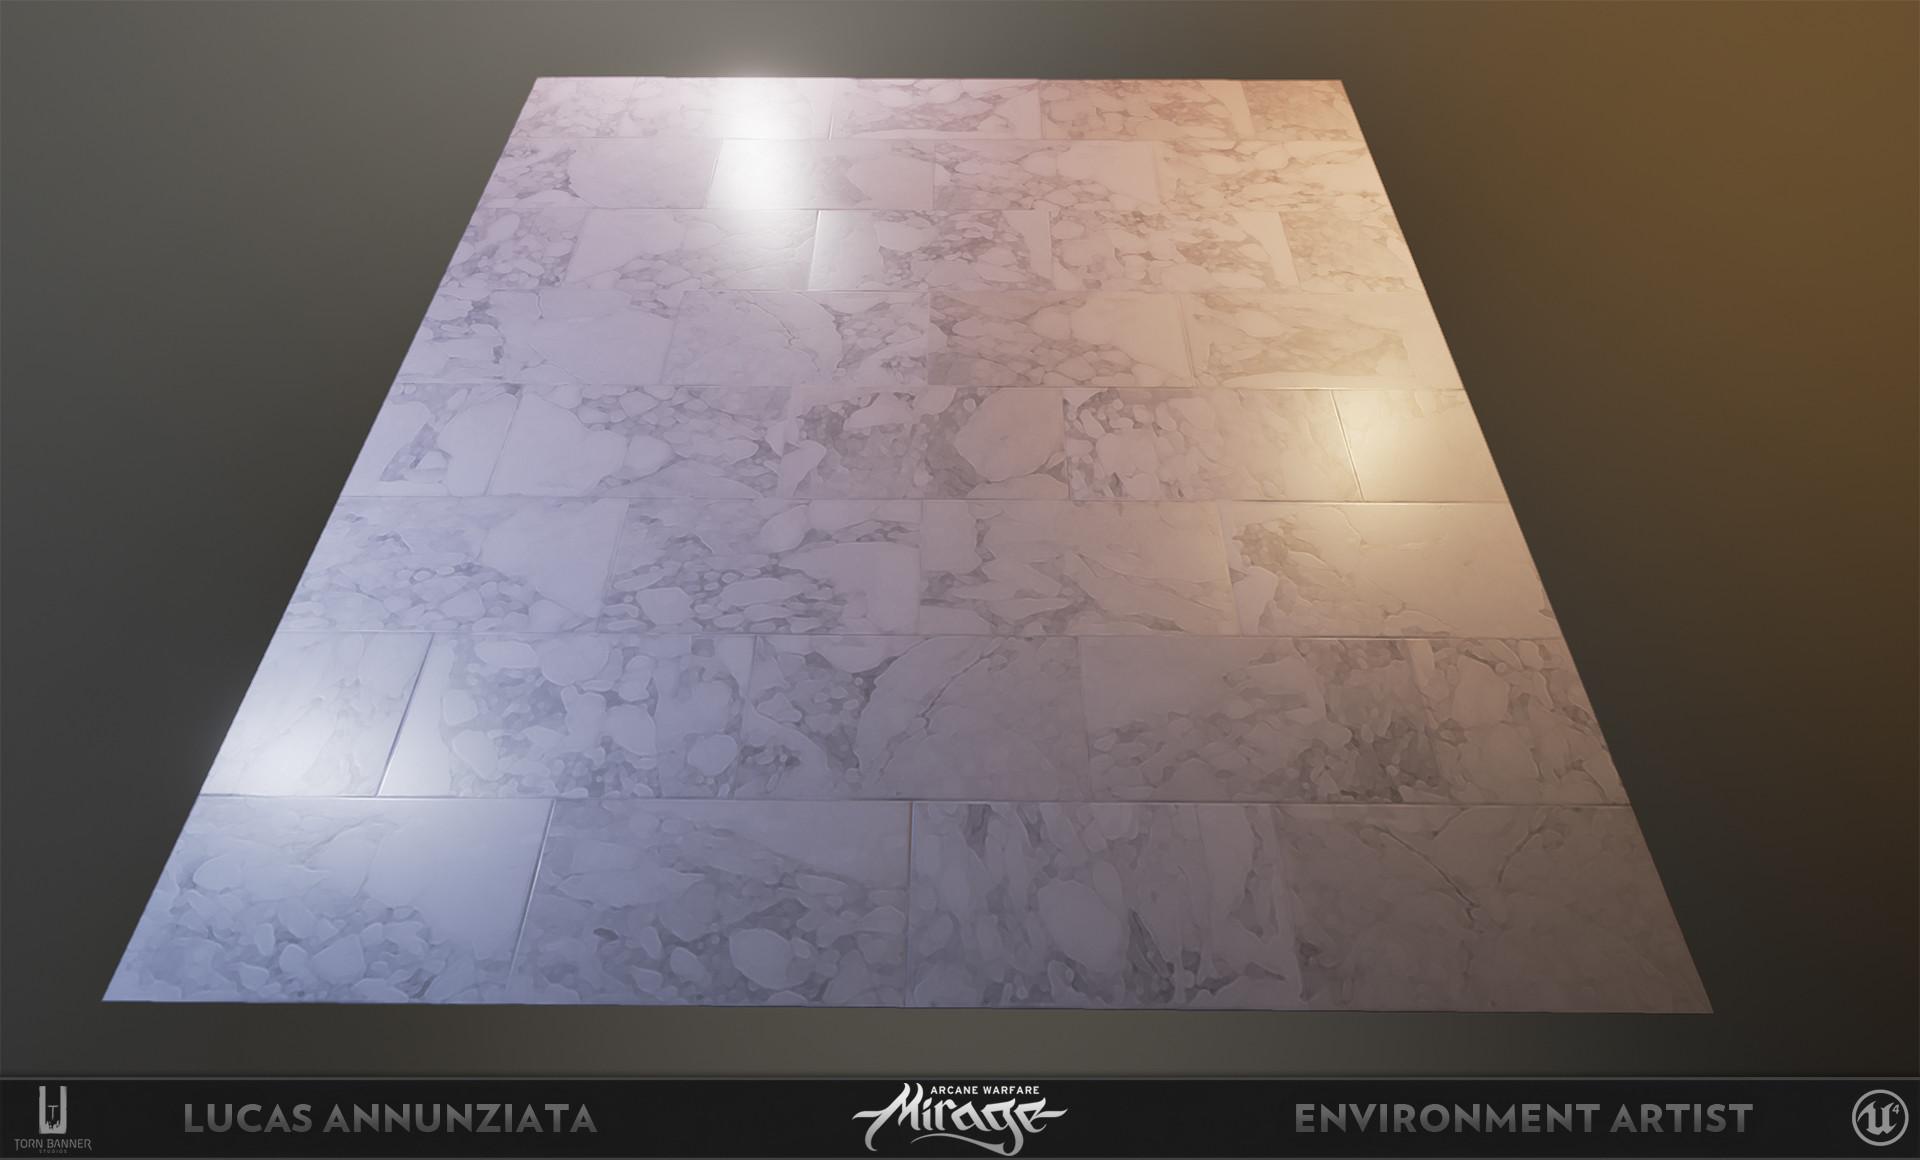 Lucas annunziata marble 17